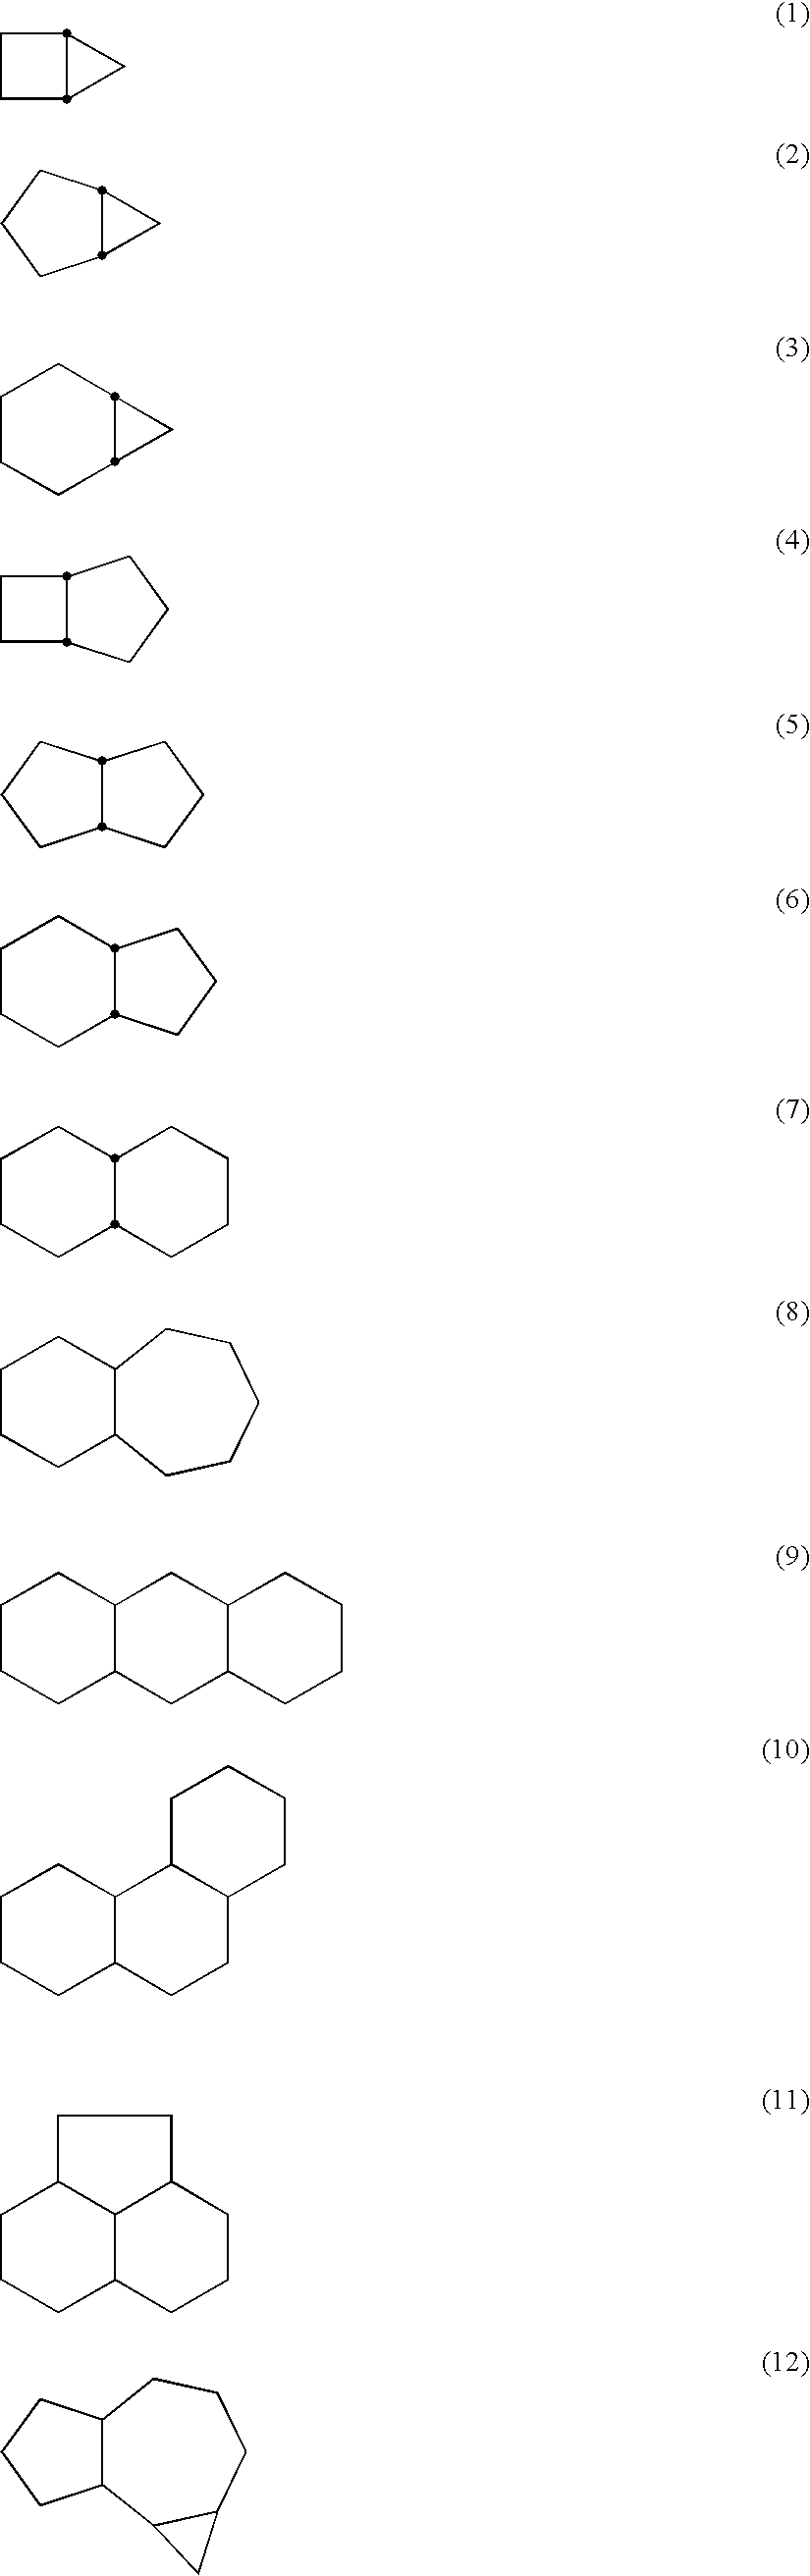 Figure US20070003871A1-20070104-C00059